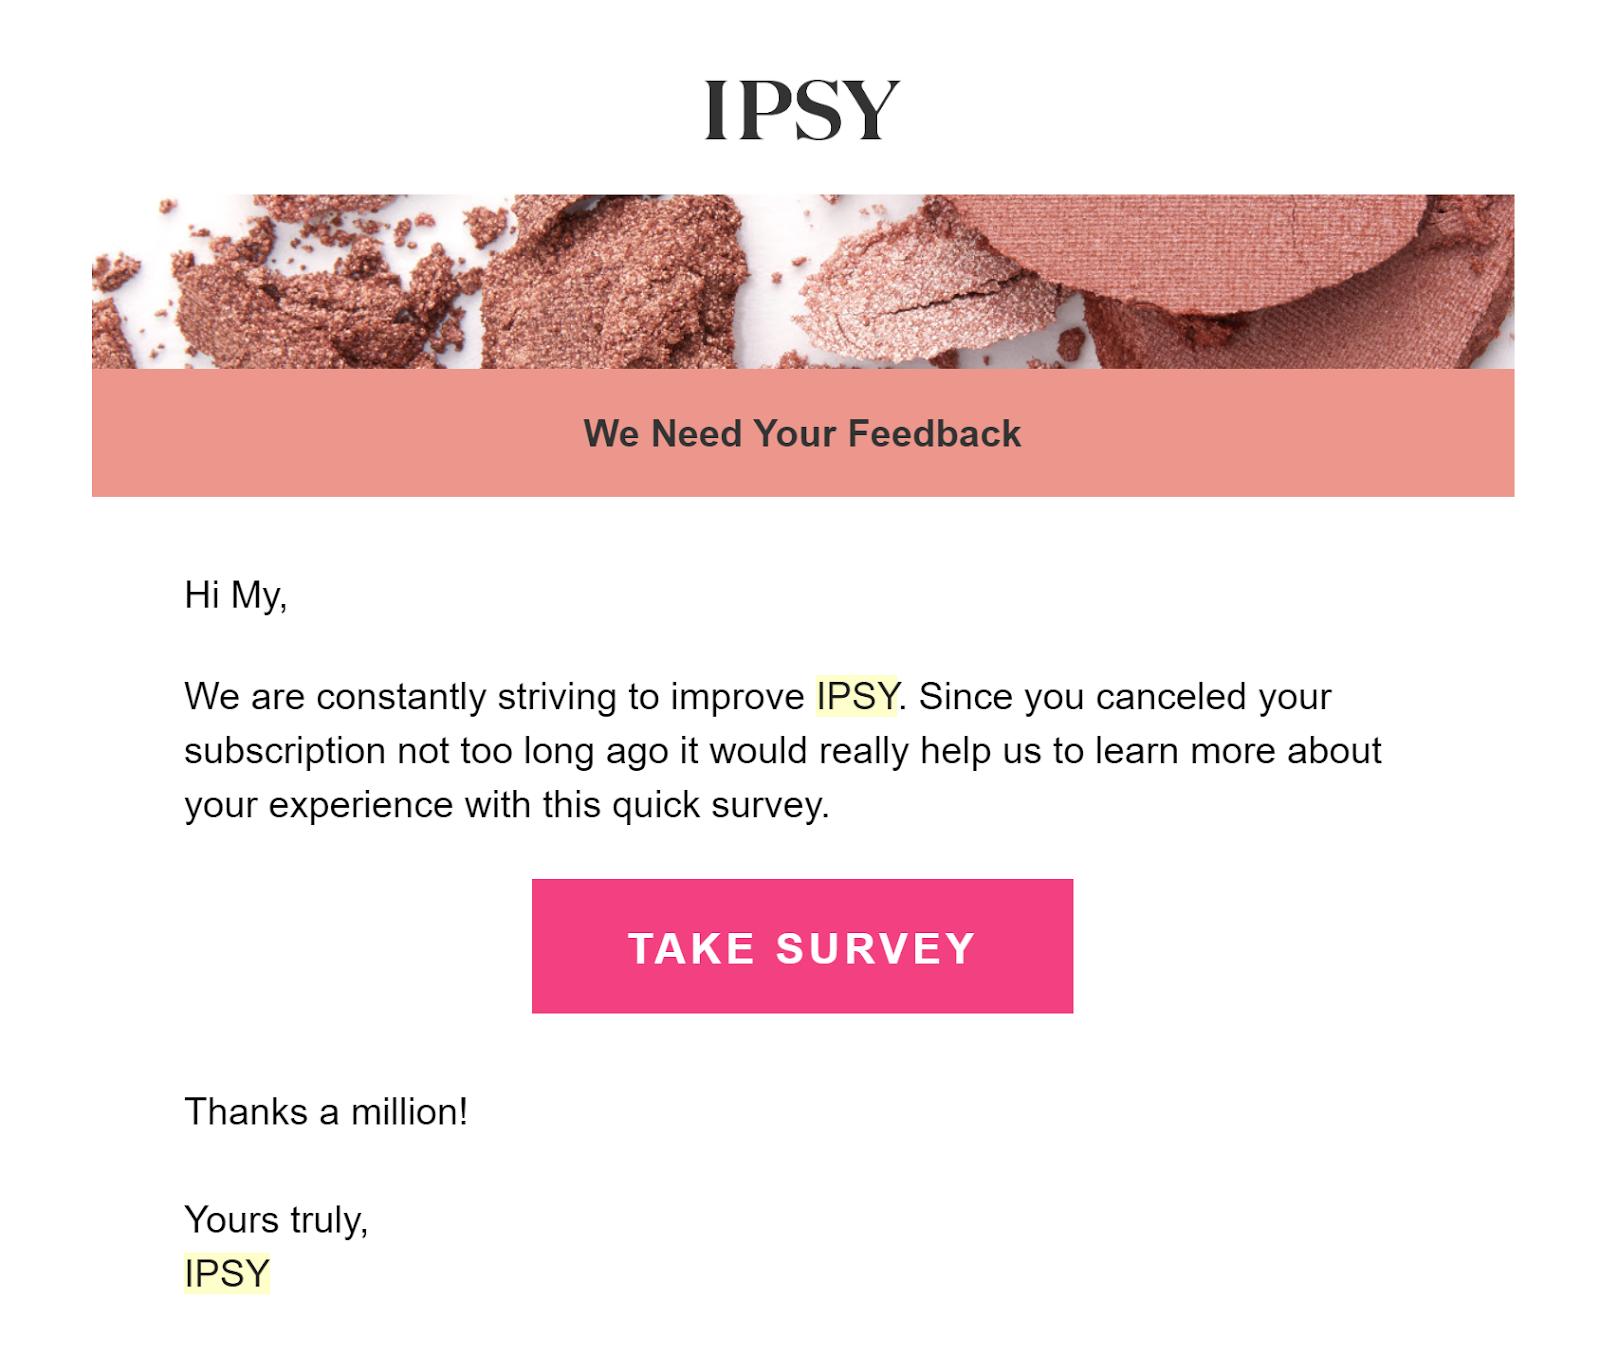 ipsy email survey